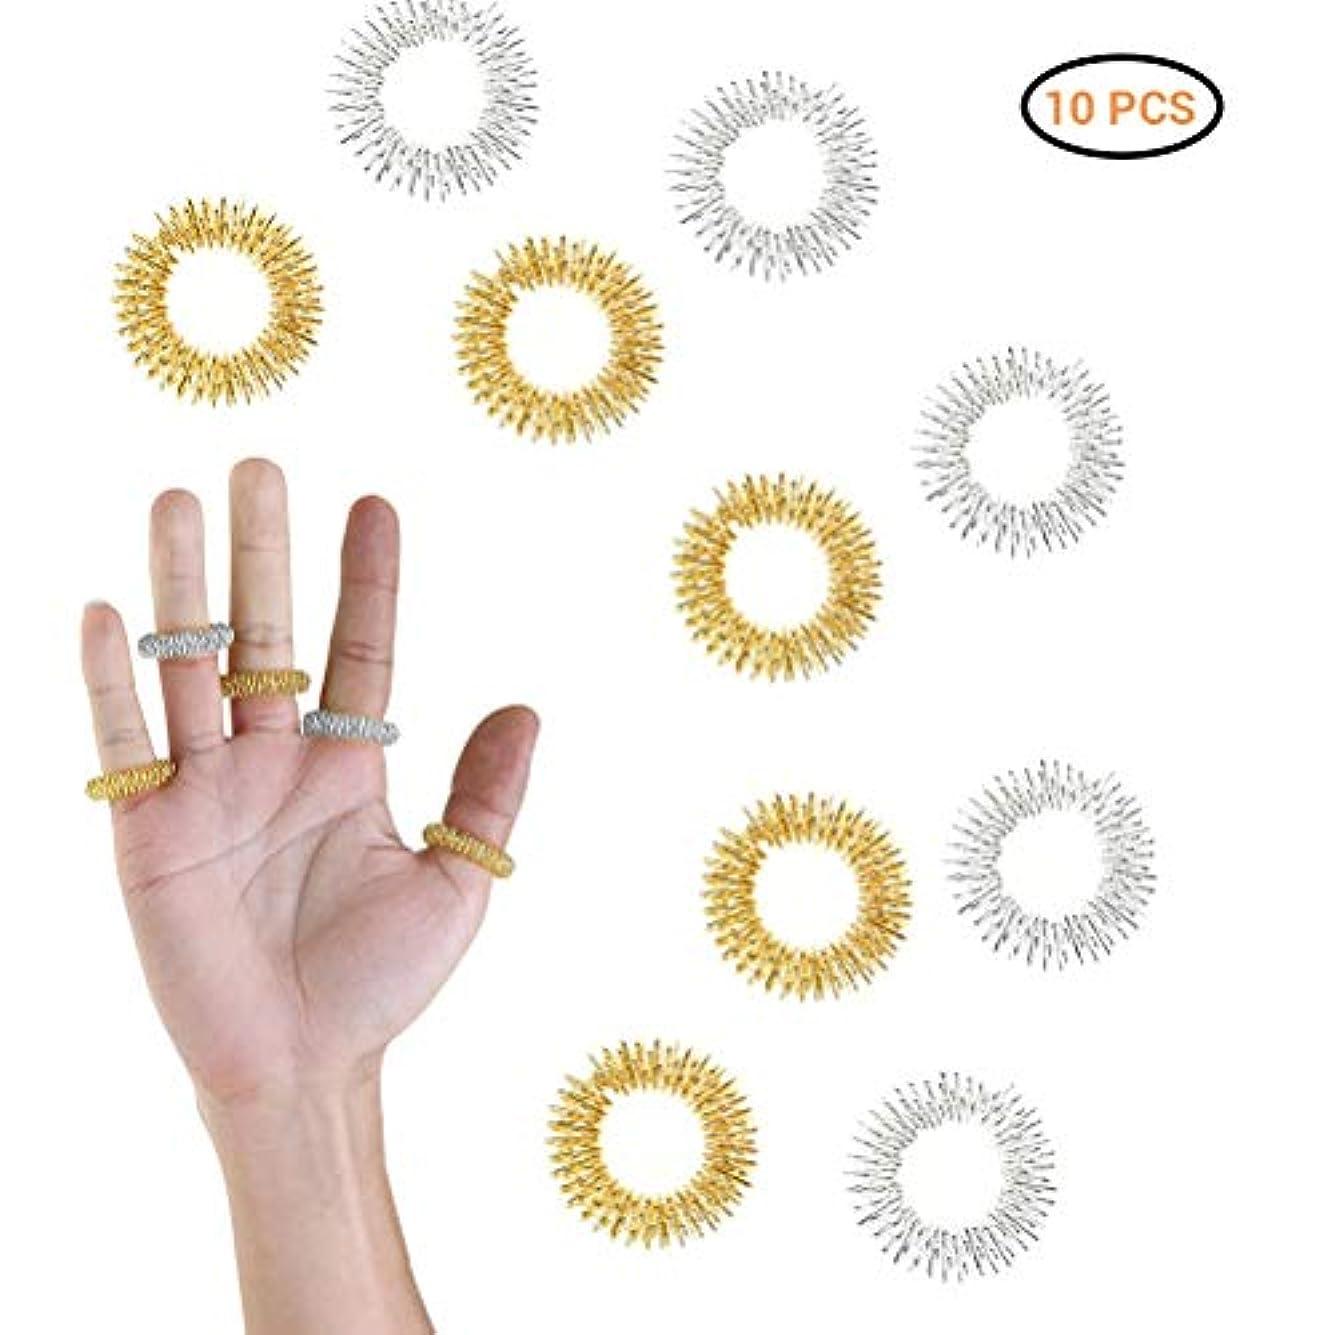 ものカード面Creacom マッサージ指輪 リング 10点セット 爪もみリング 血液循環促進 ストレス解消 リリース 筋肉緊張和らげ 携帯便利 使用簡単 お年寄り 男女兼用 プレゼント